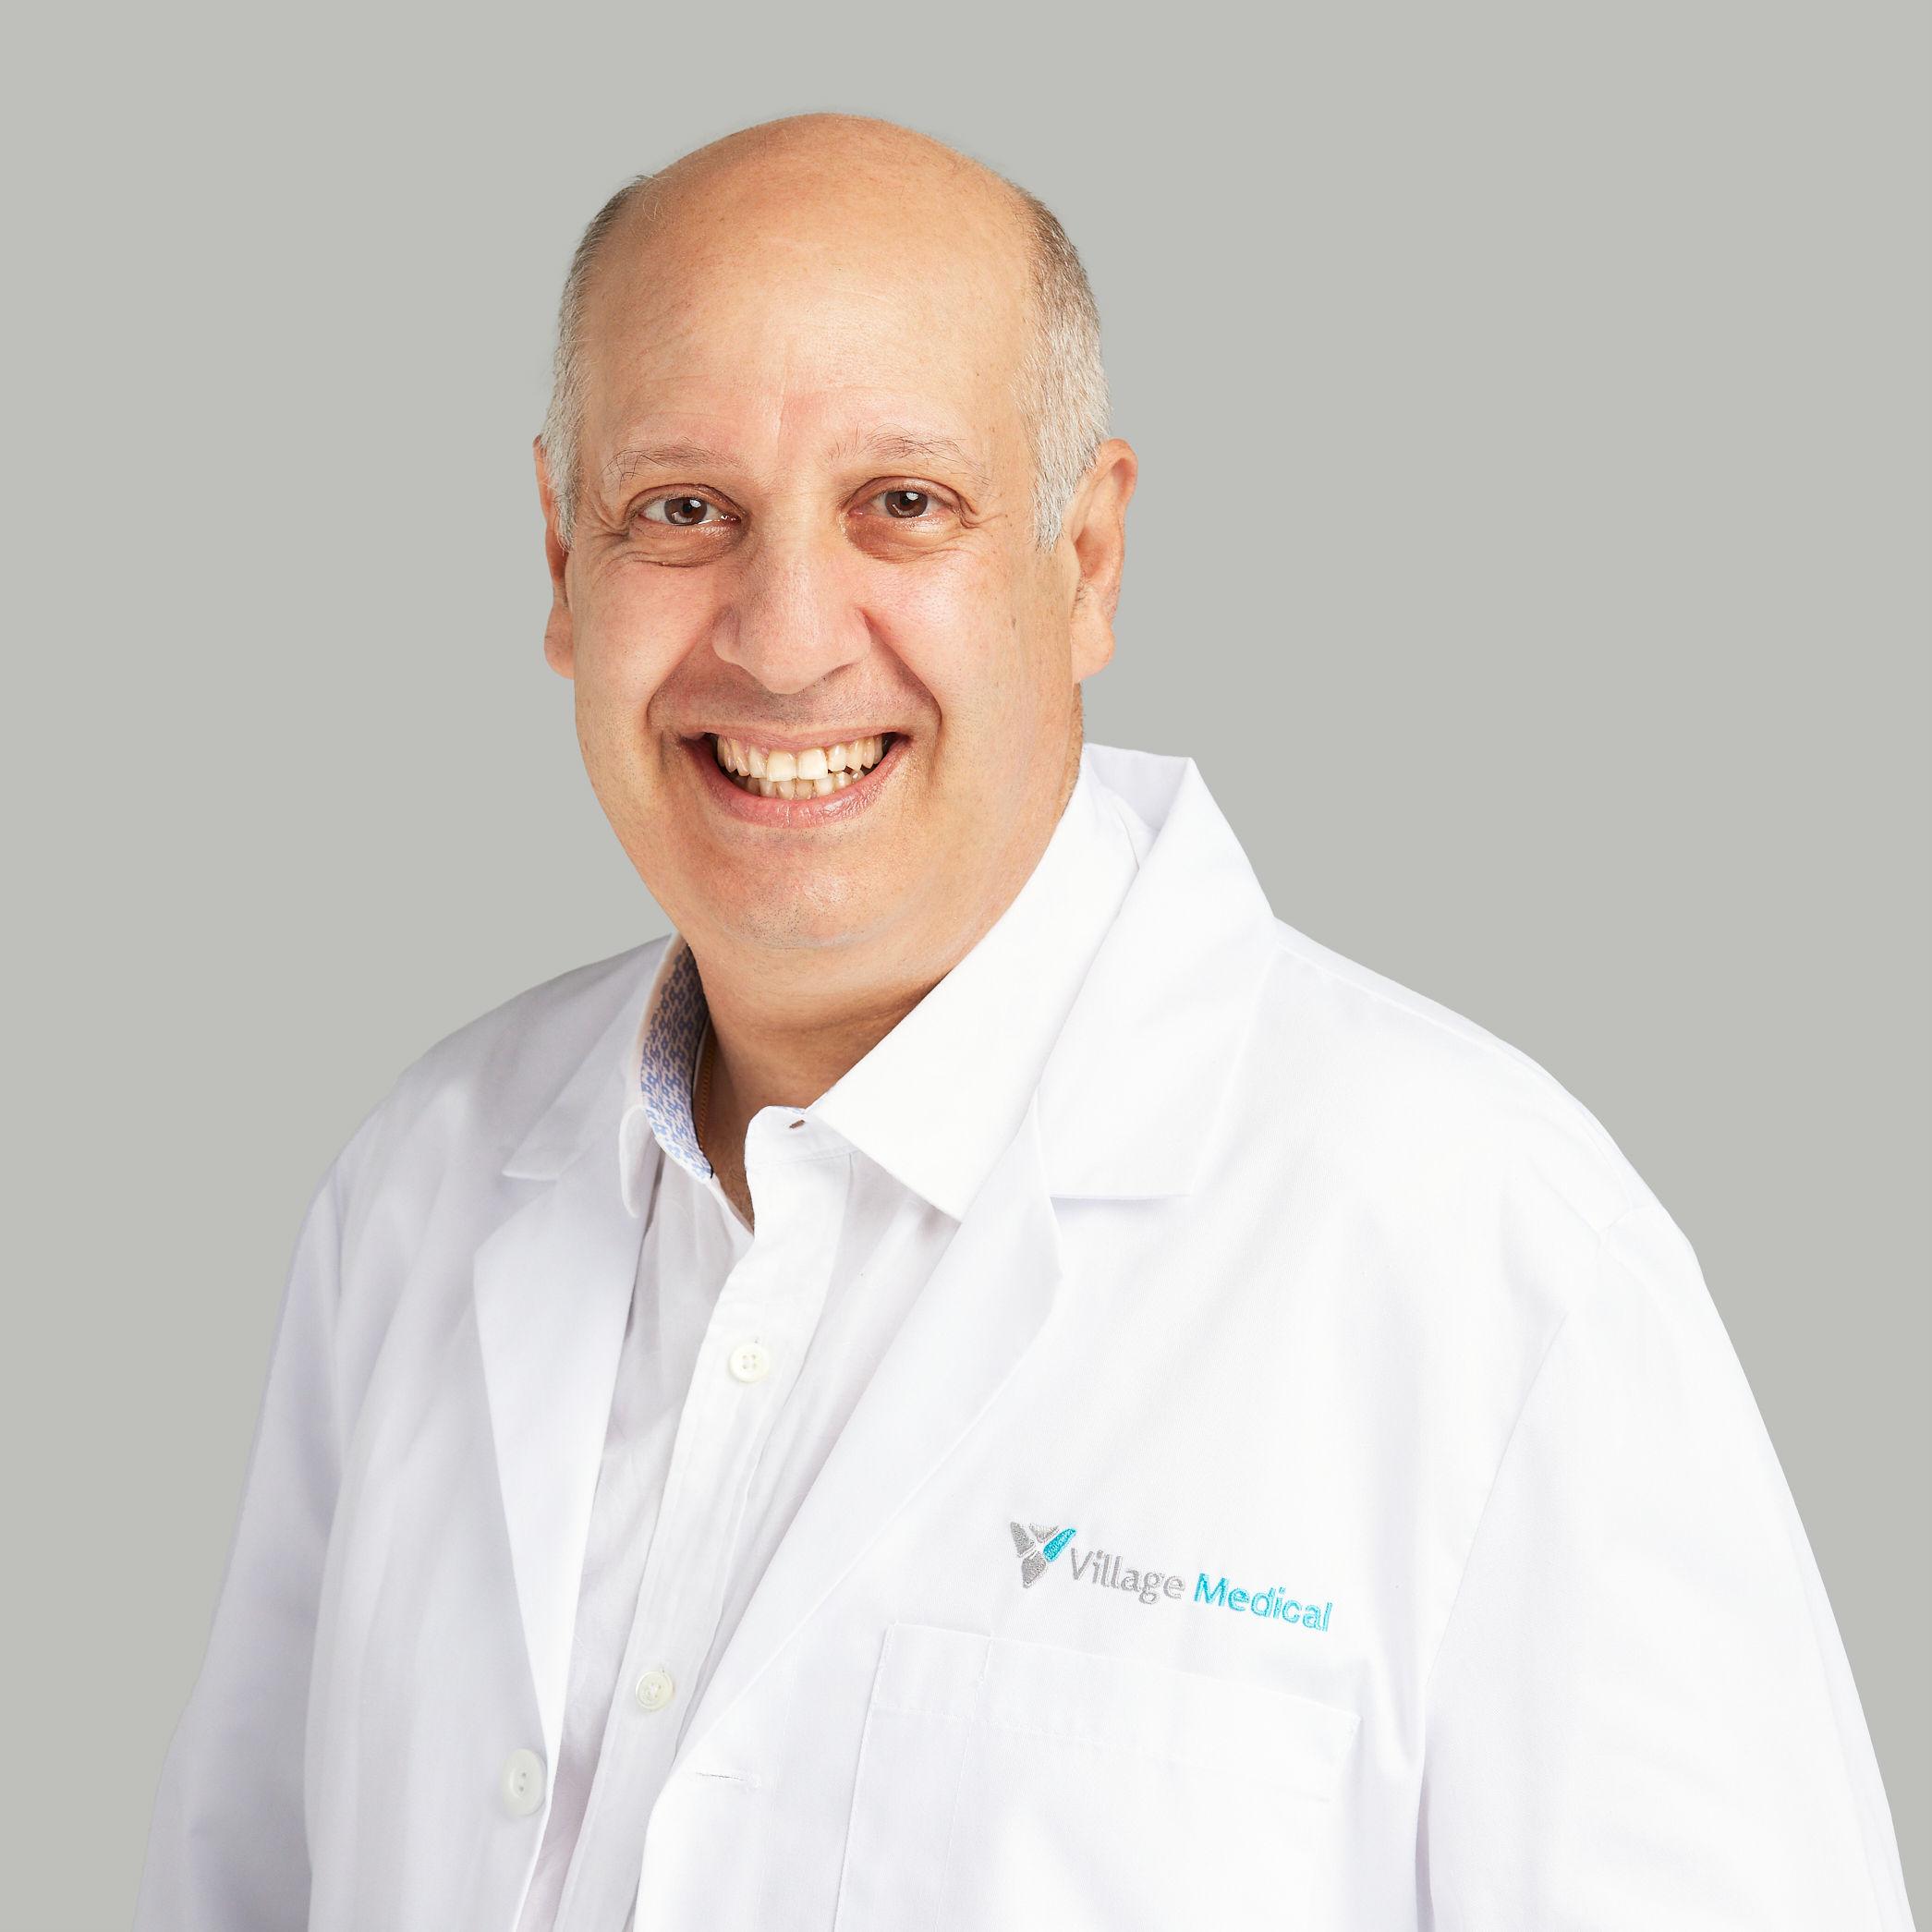 Ronnie Sheena, MD